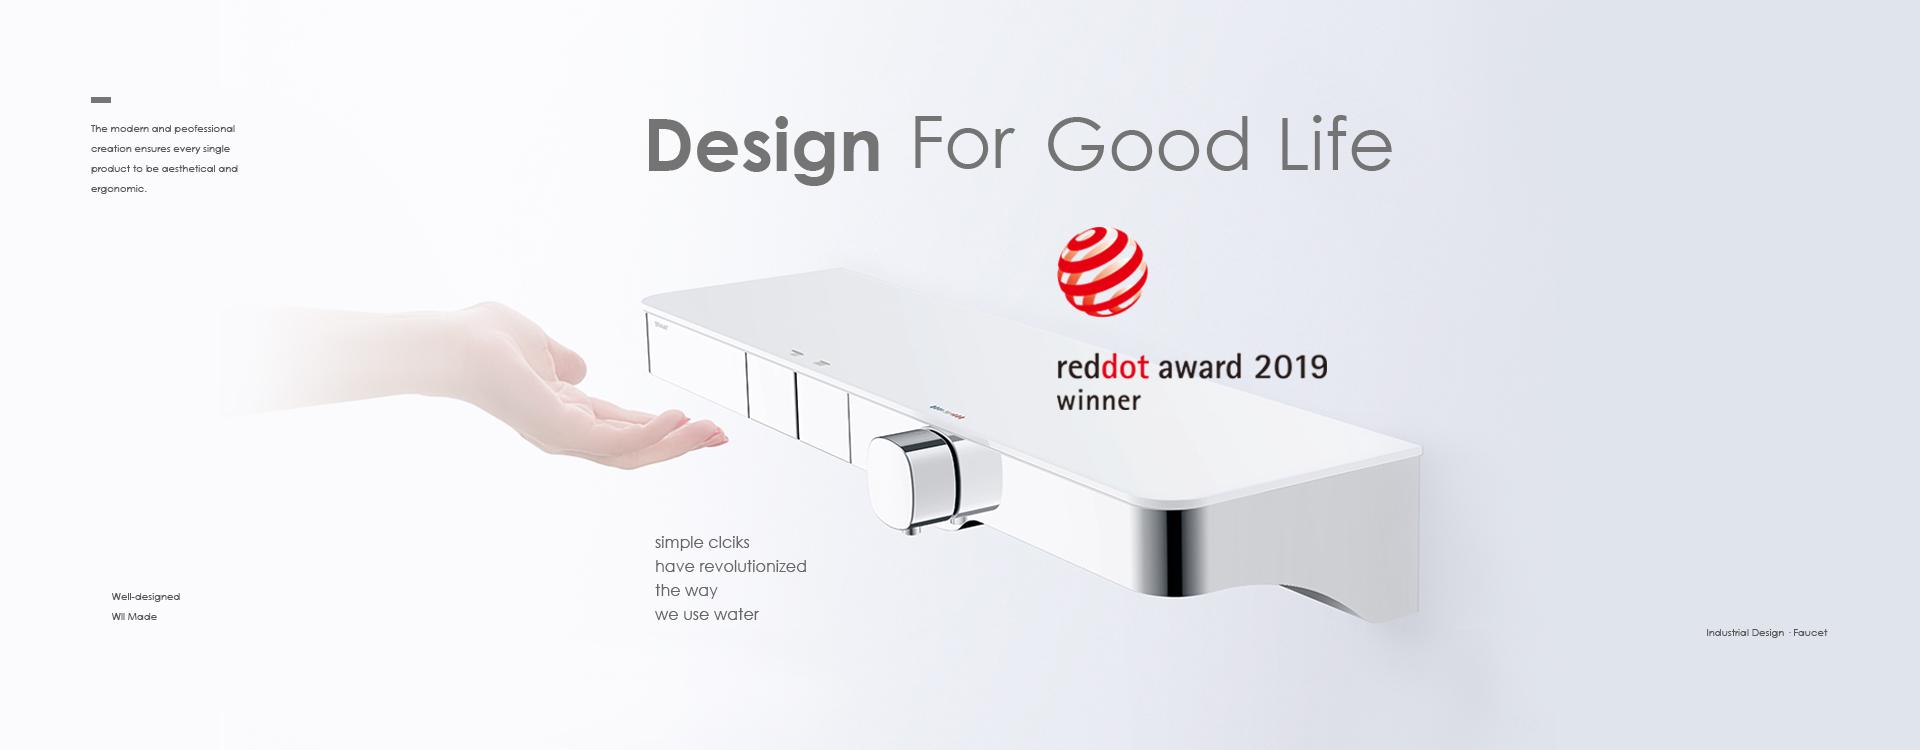 Bravat Design For Good Life